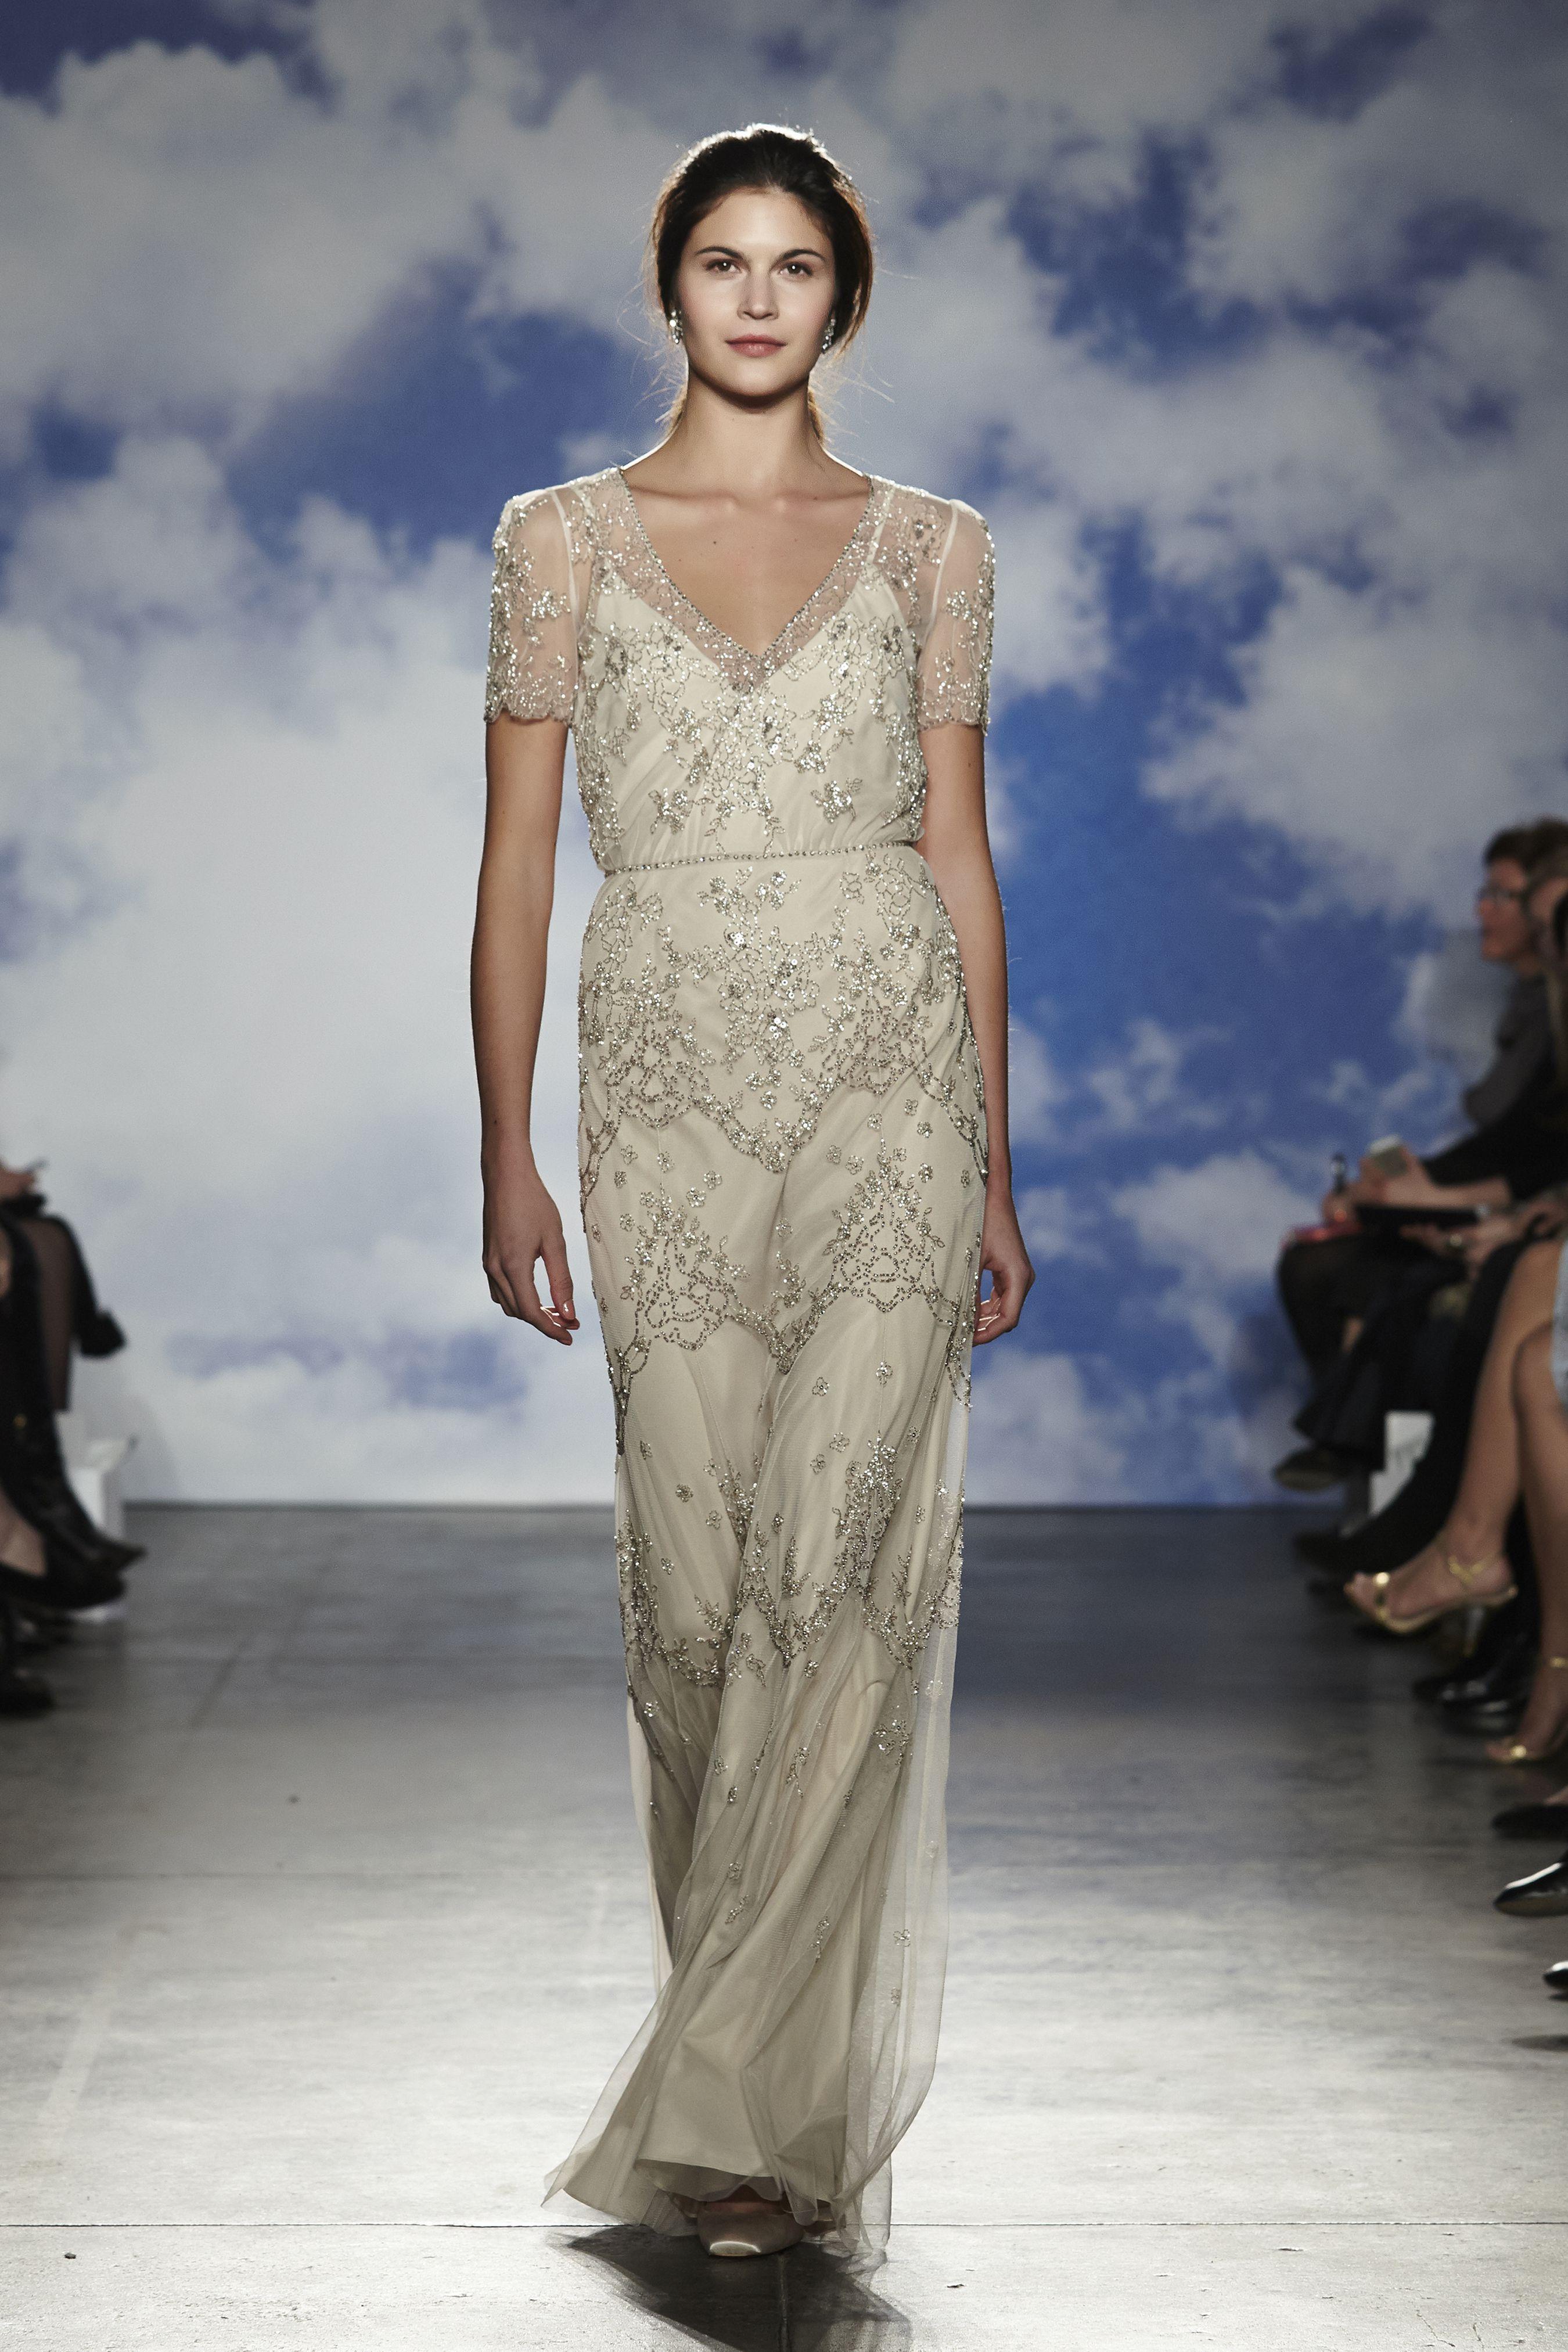 Robe De Mariée Jenny Packham à Paris Wedding Dress In Leila